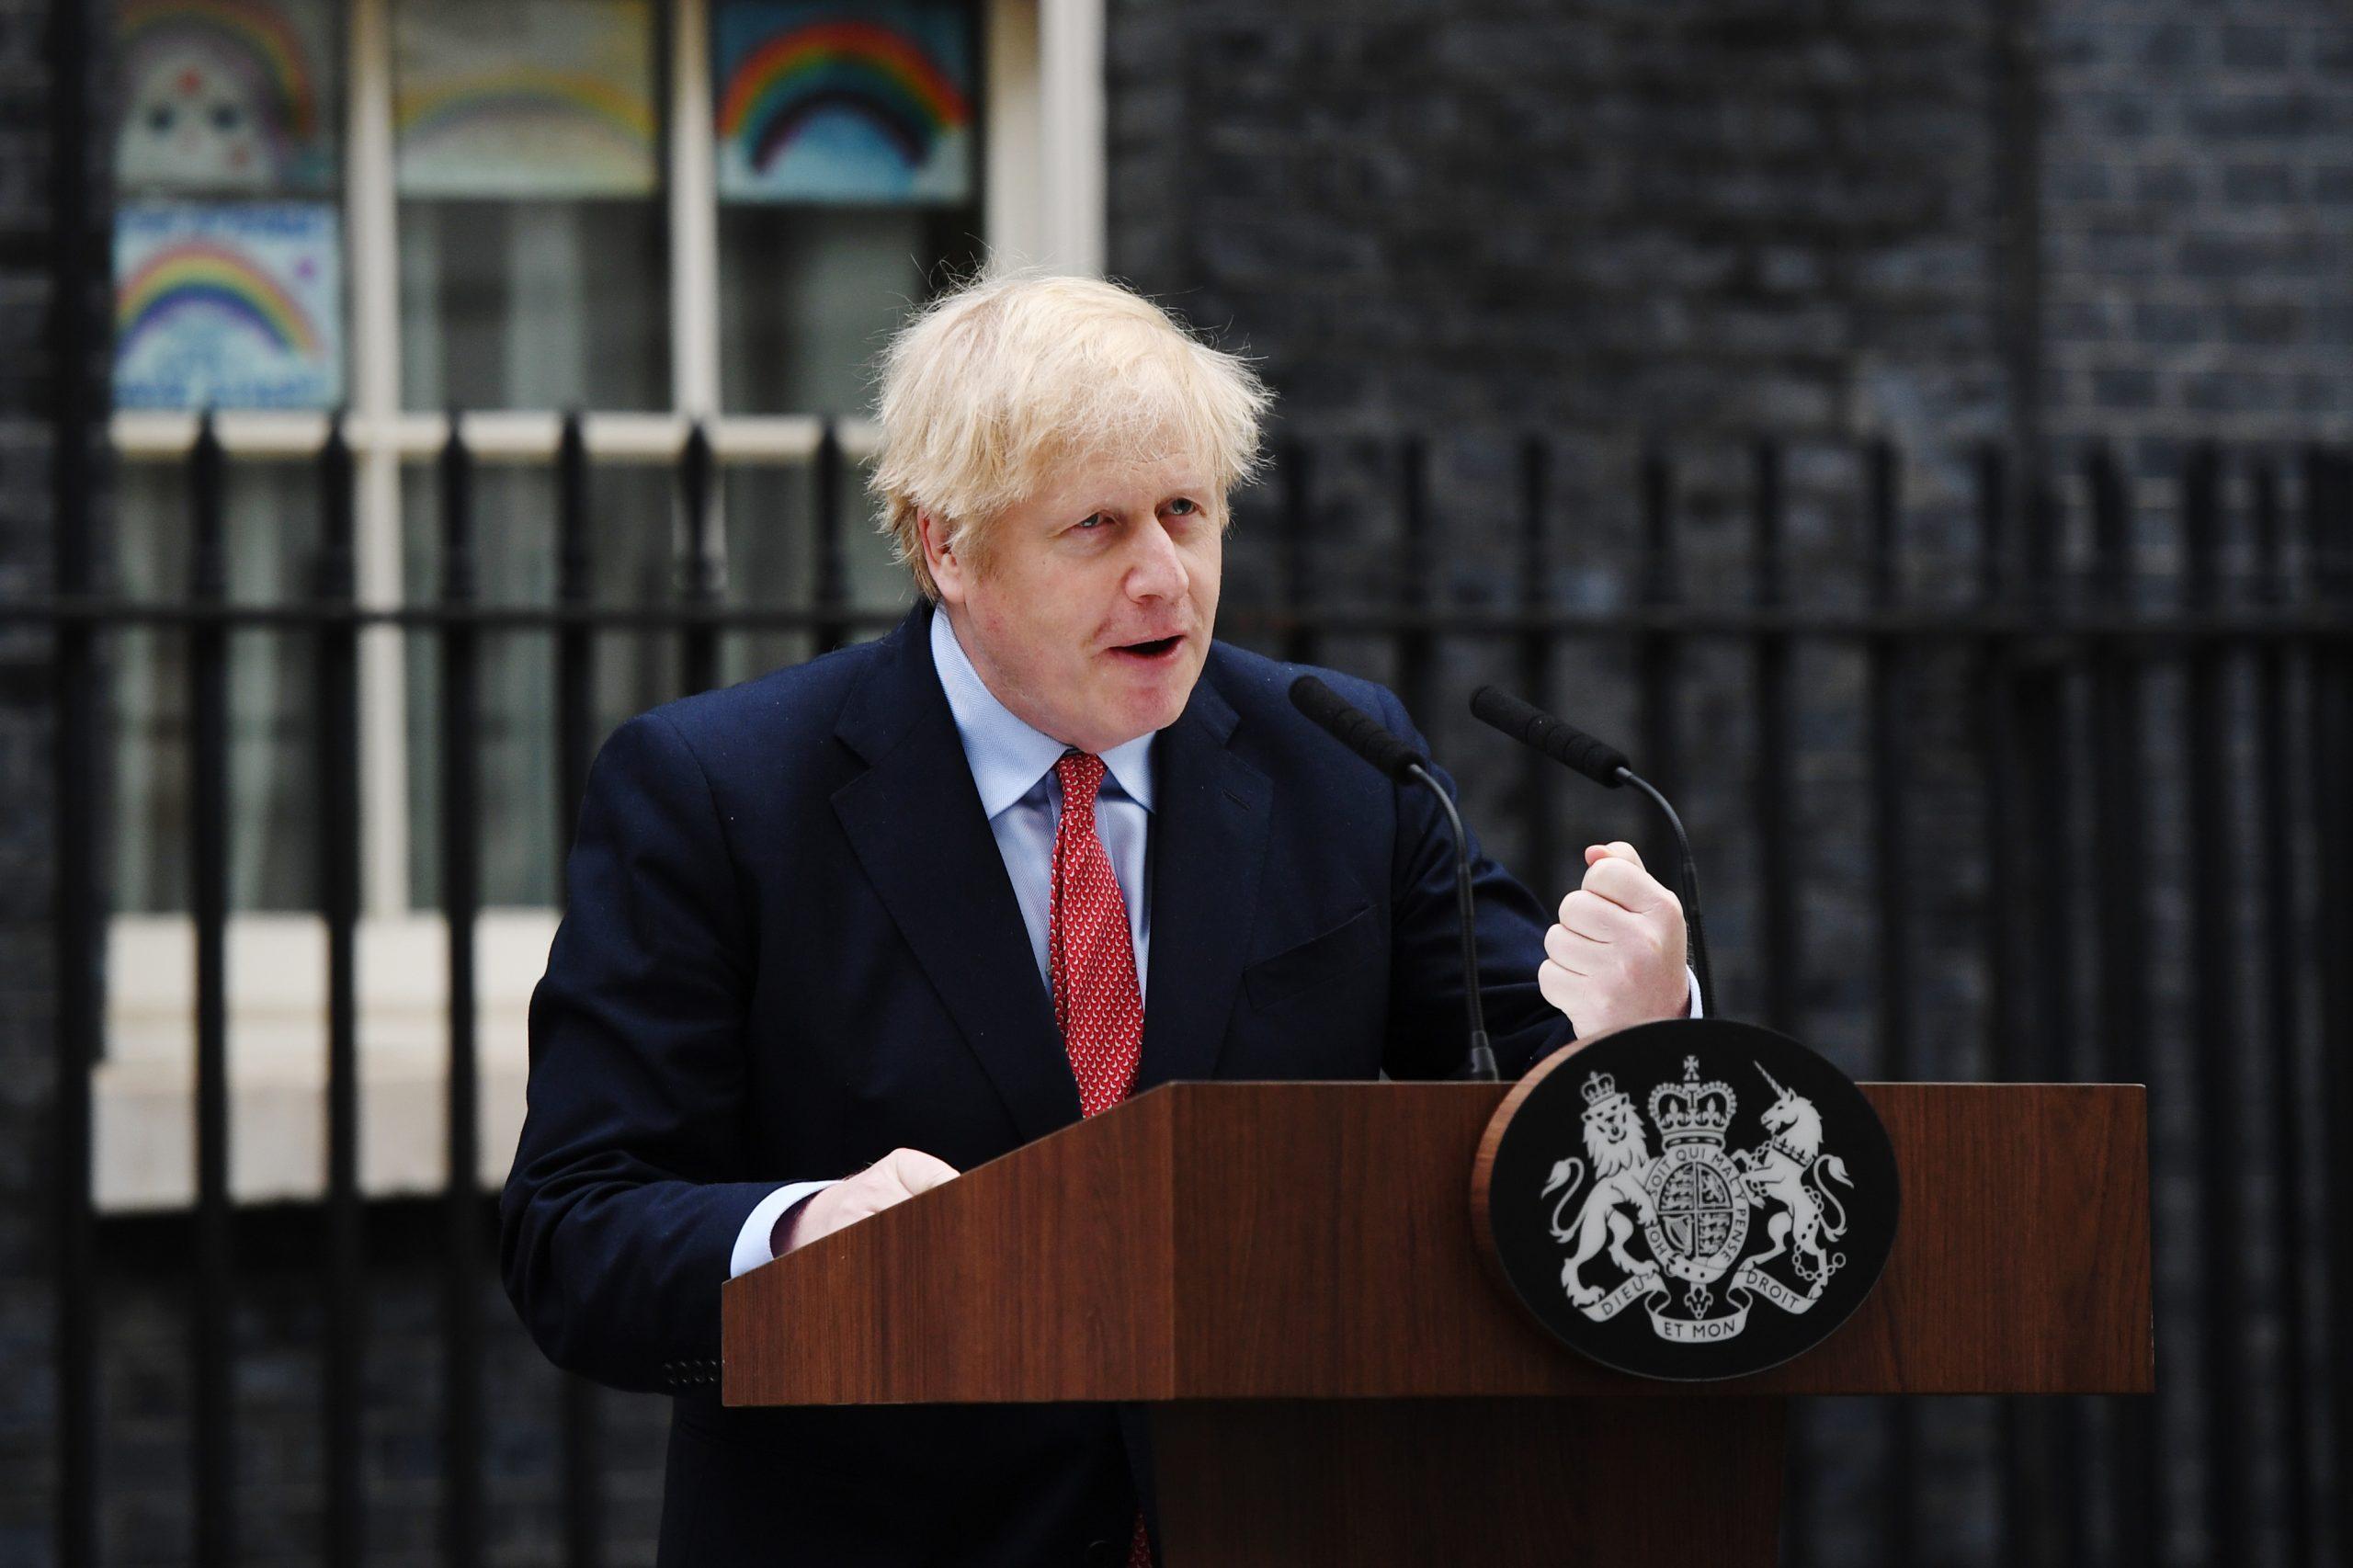 When is Boris Johnson's next speech?